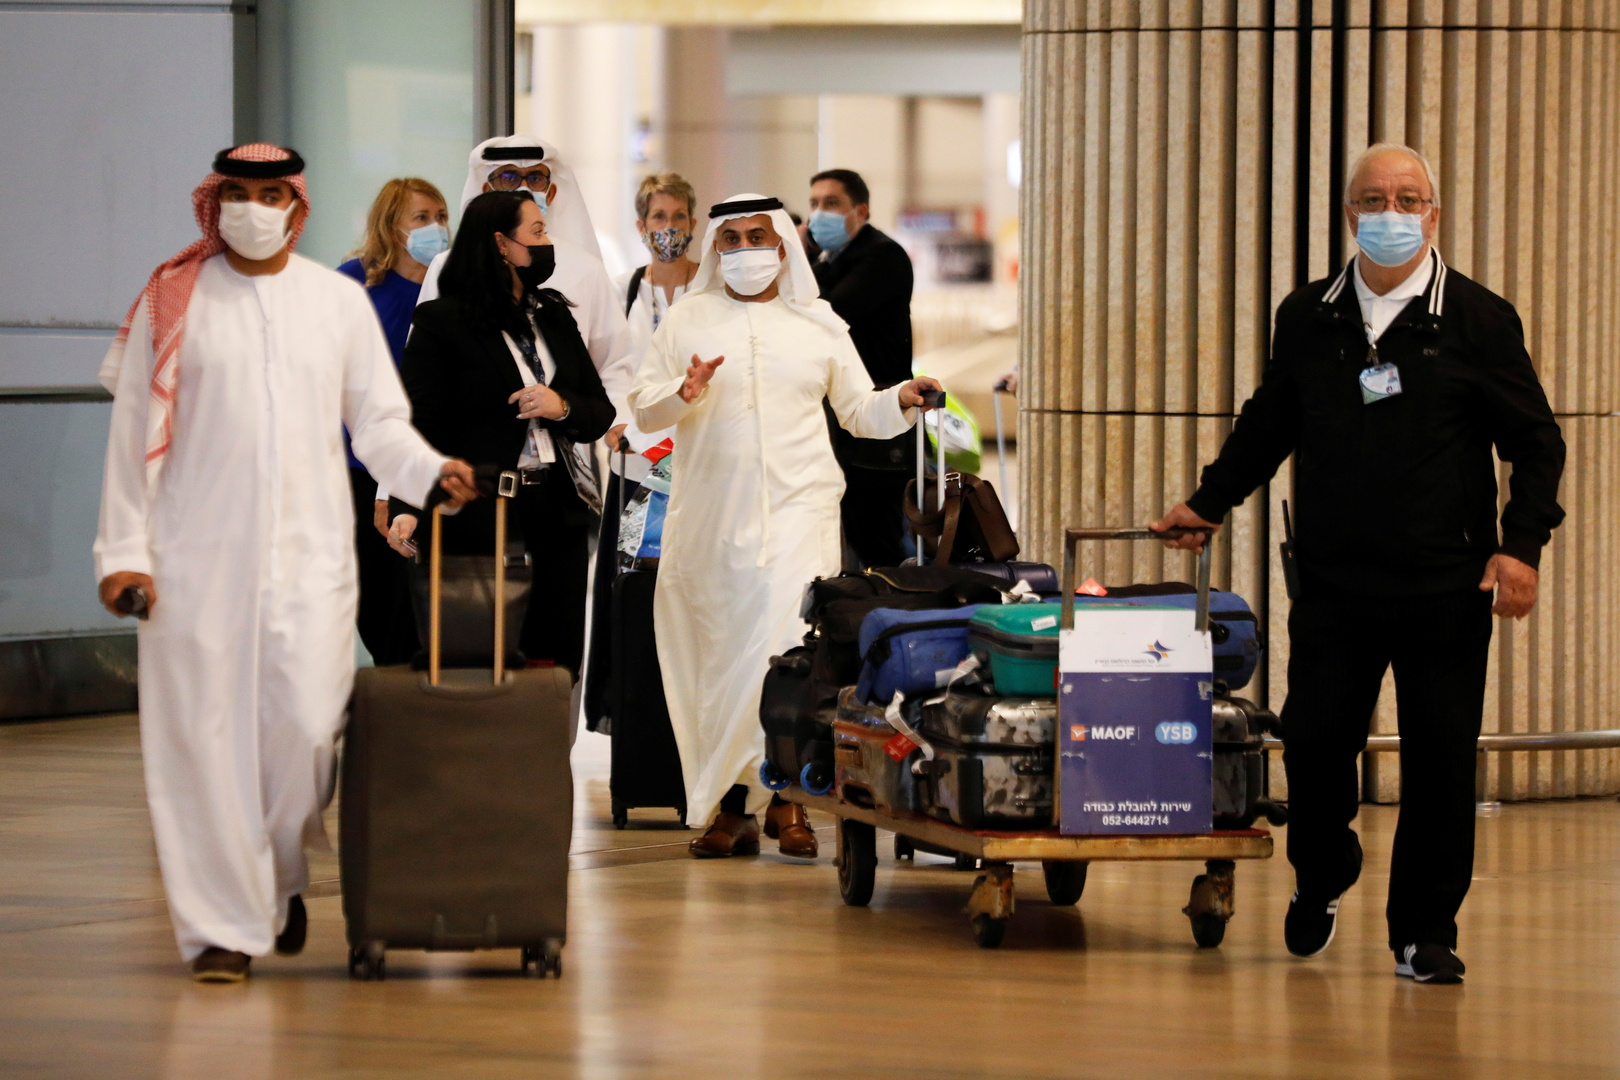 كوريا الجنوبية تضيف الإمارات إلى قائمة الدول المستثناة من رفع العزل الذاتي